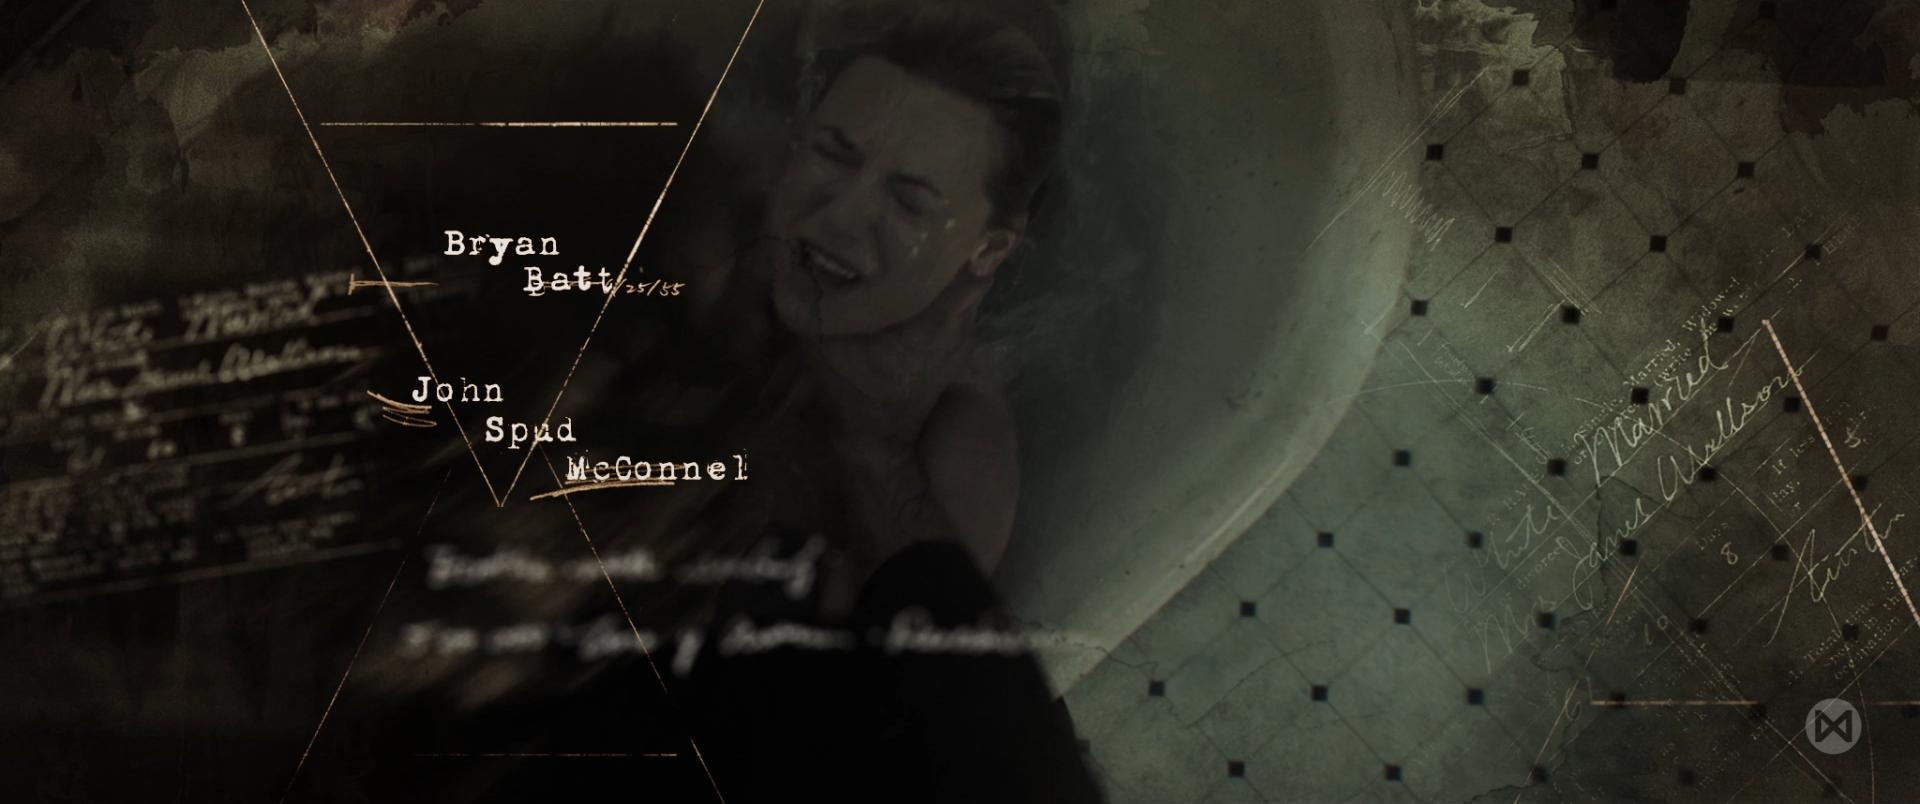 DarkMatter_Abattoir-4.jpg